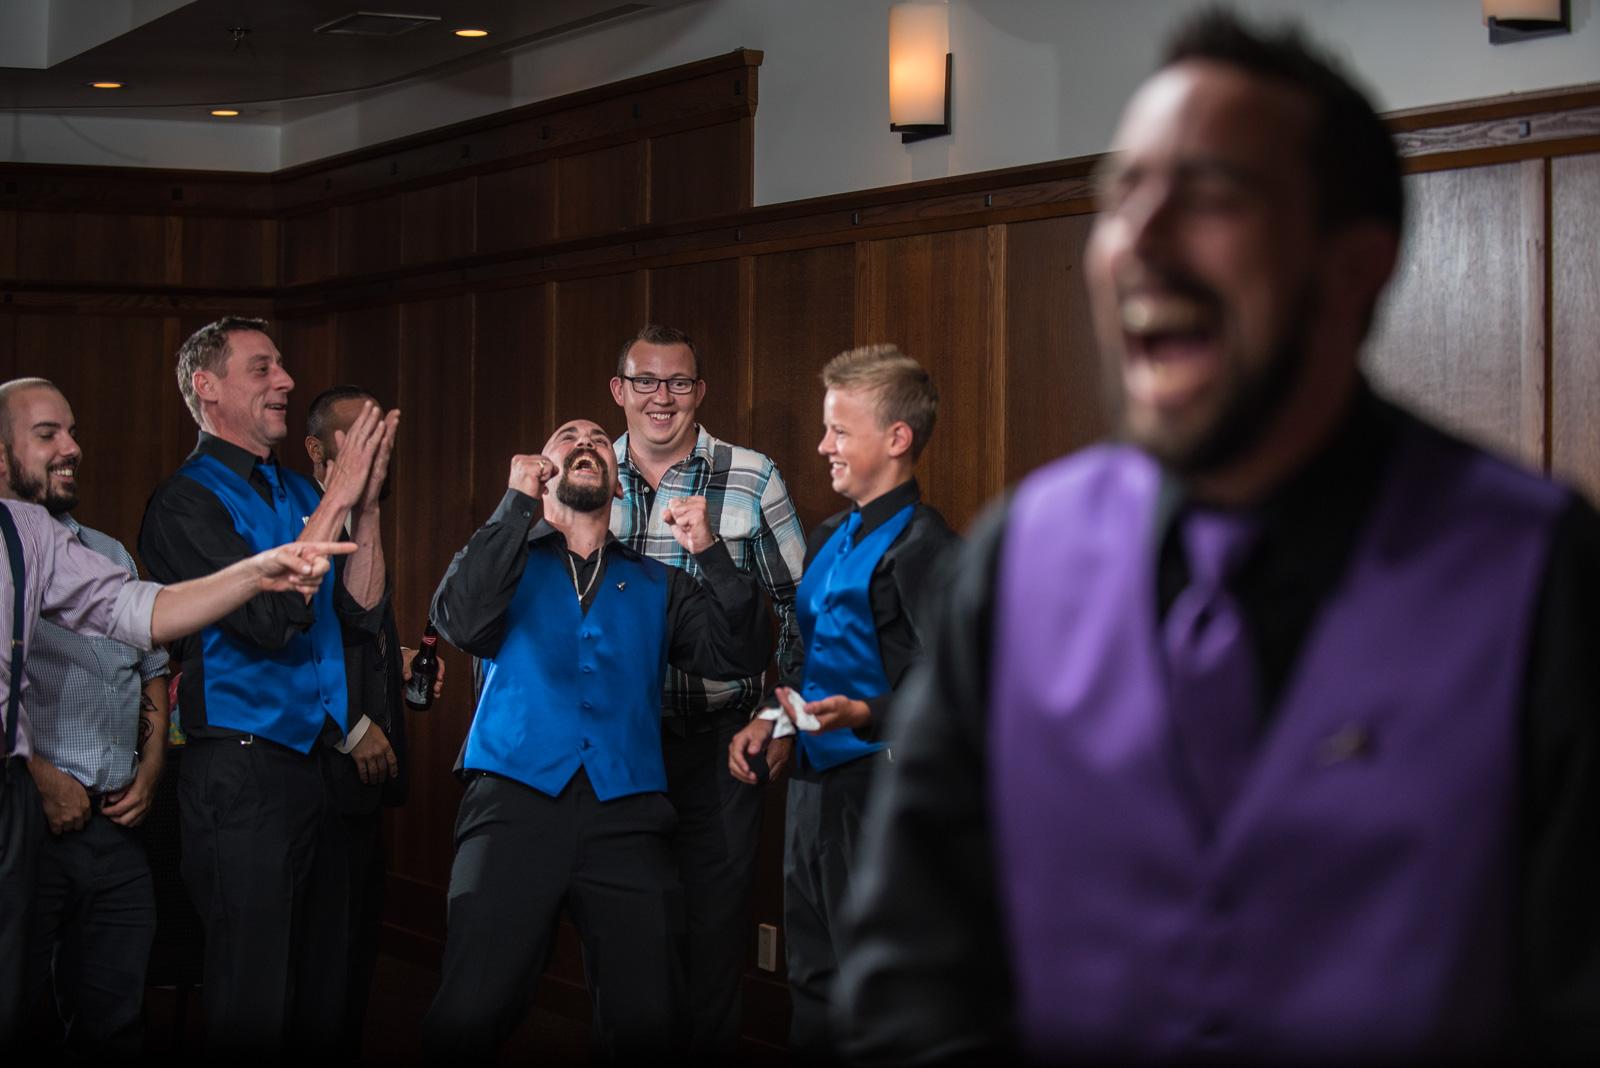 vancouver-island-wedding-photographers-nelson-hume-hotel-wedding-47.jpg